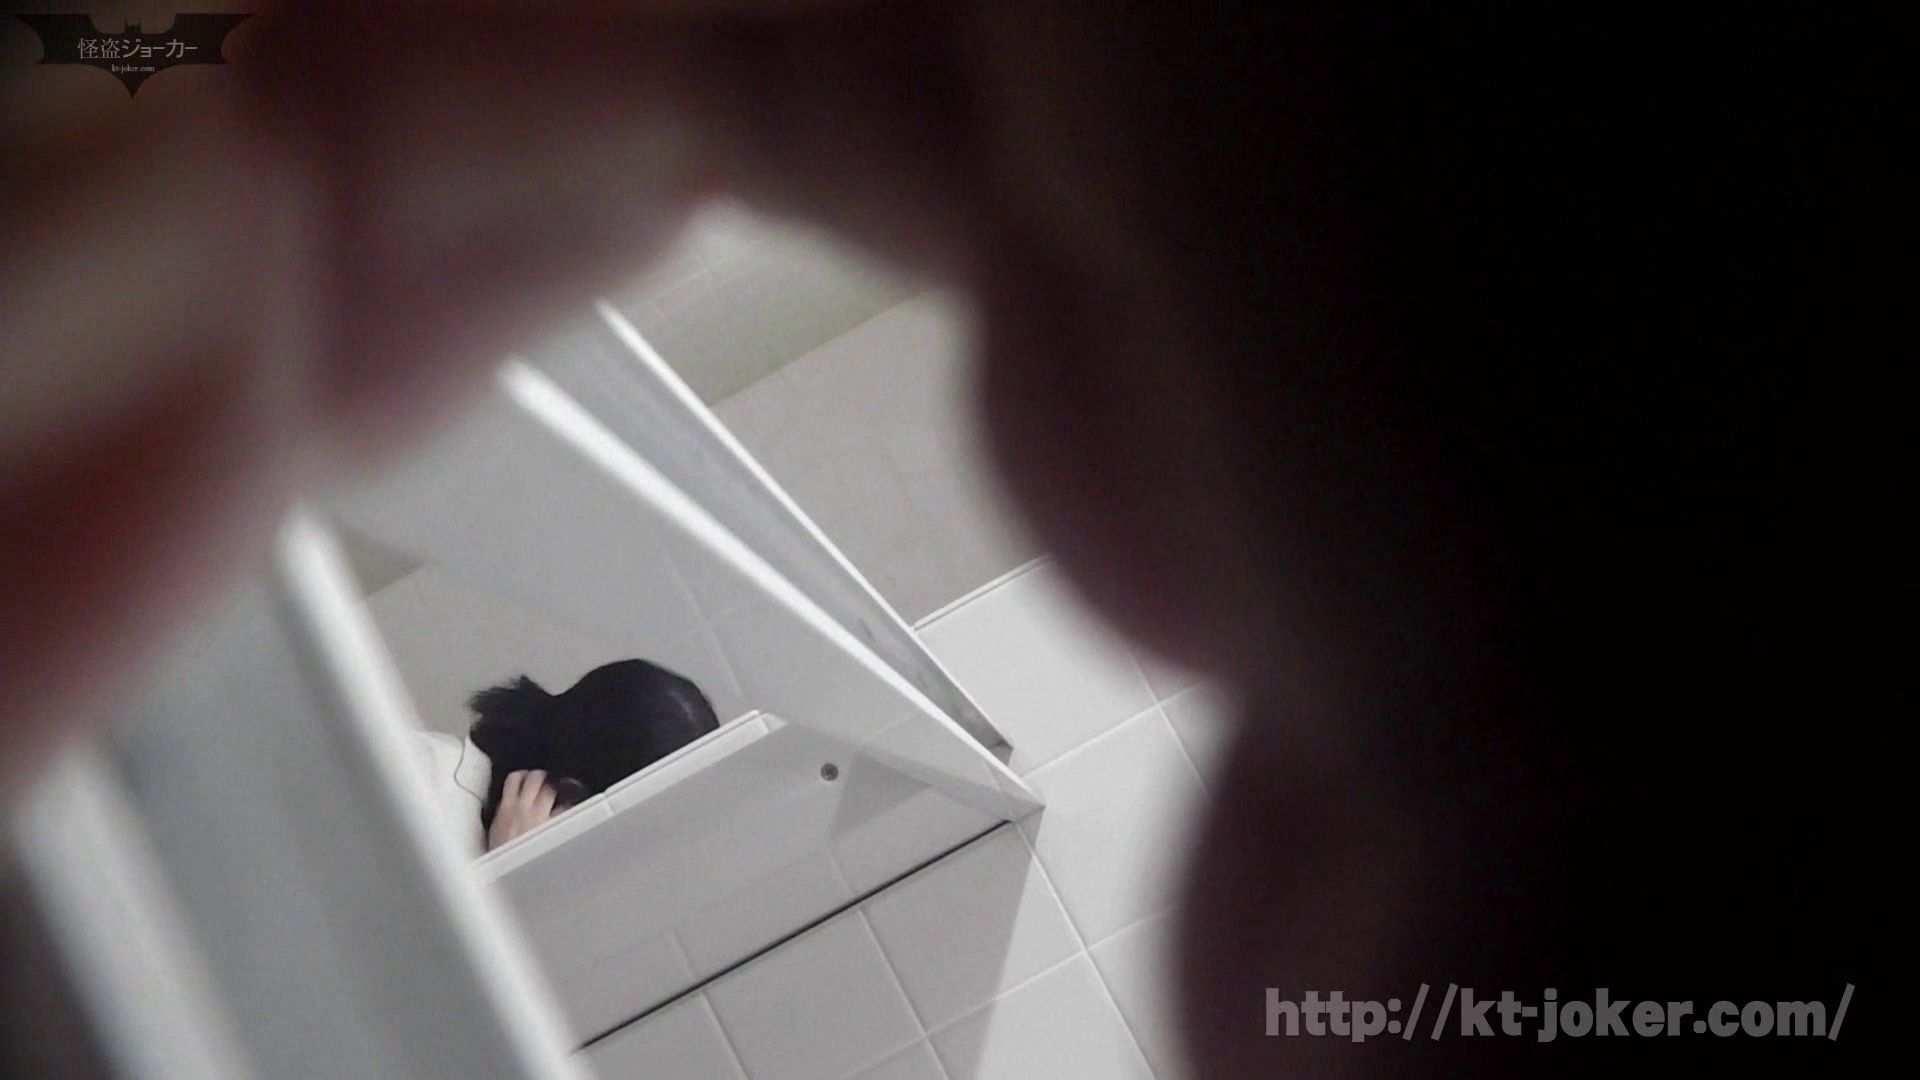 命がけ潜伏洗面所! vol.51 エロすぎる捻り? プライベート 盗撮ヌード画像 108画像 50